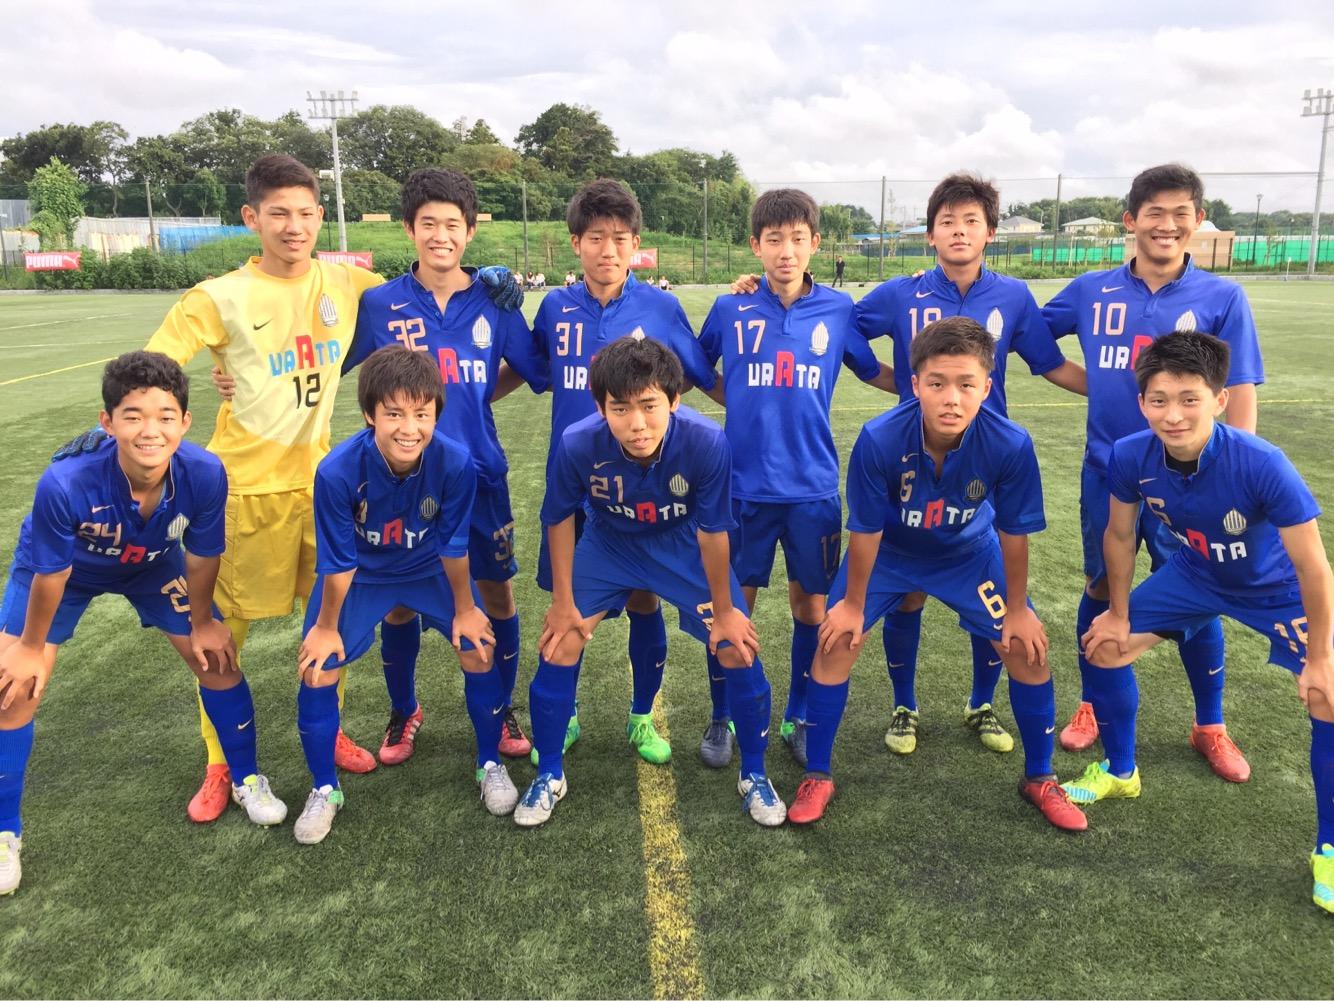 【U18】Jユースカップ関東予選 予選リーグ第1節結果